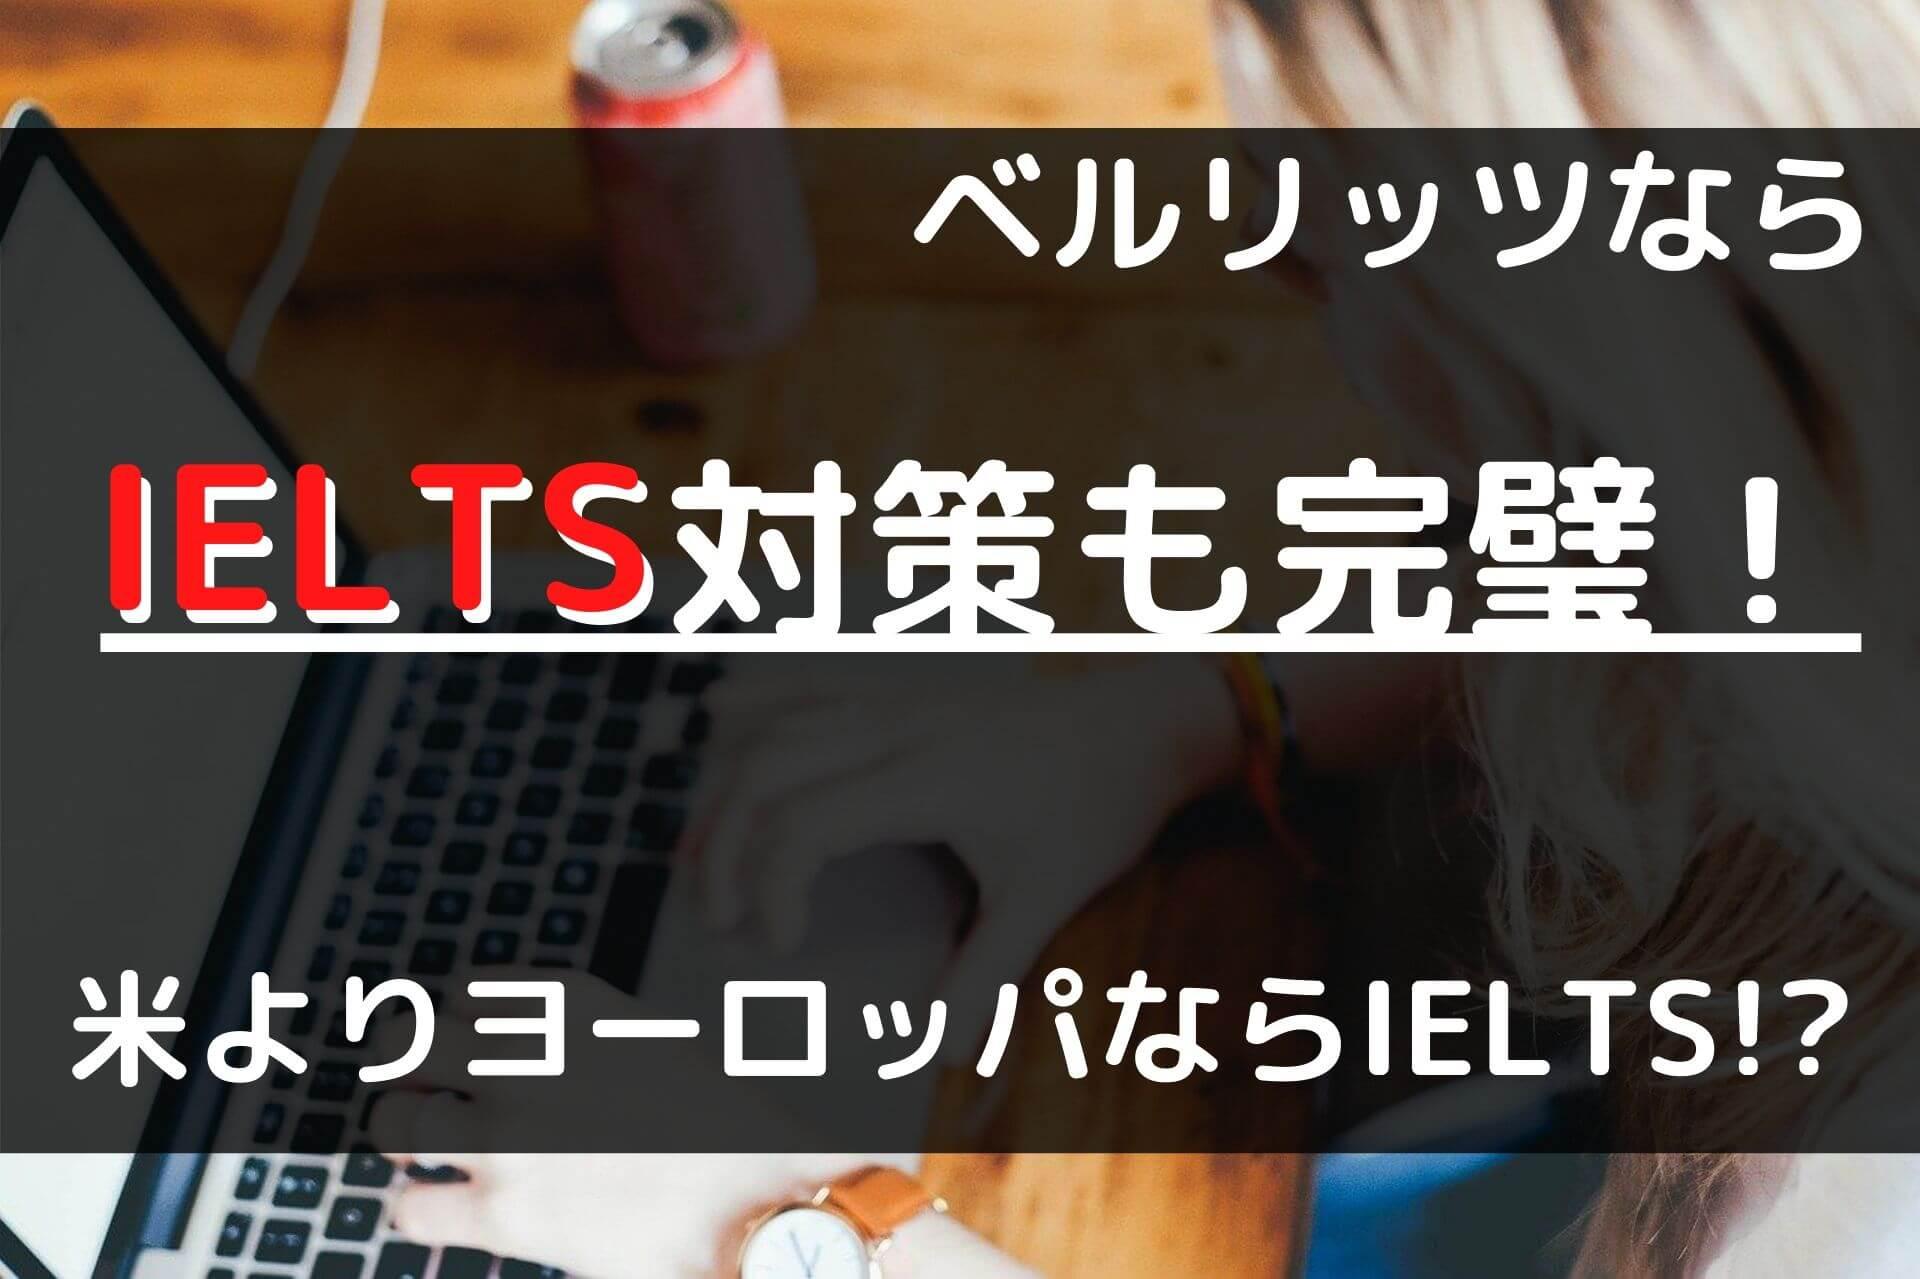 『ベルリッツならIELTS対策も完璧!米よりヨーロッパならIELTS!?』記事のアイキャッチ画像